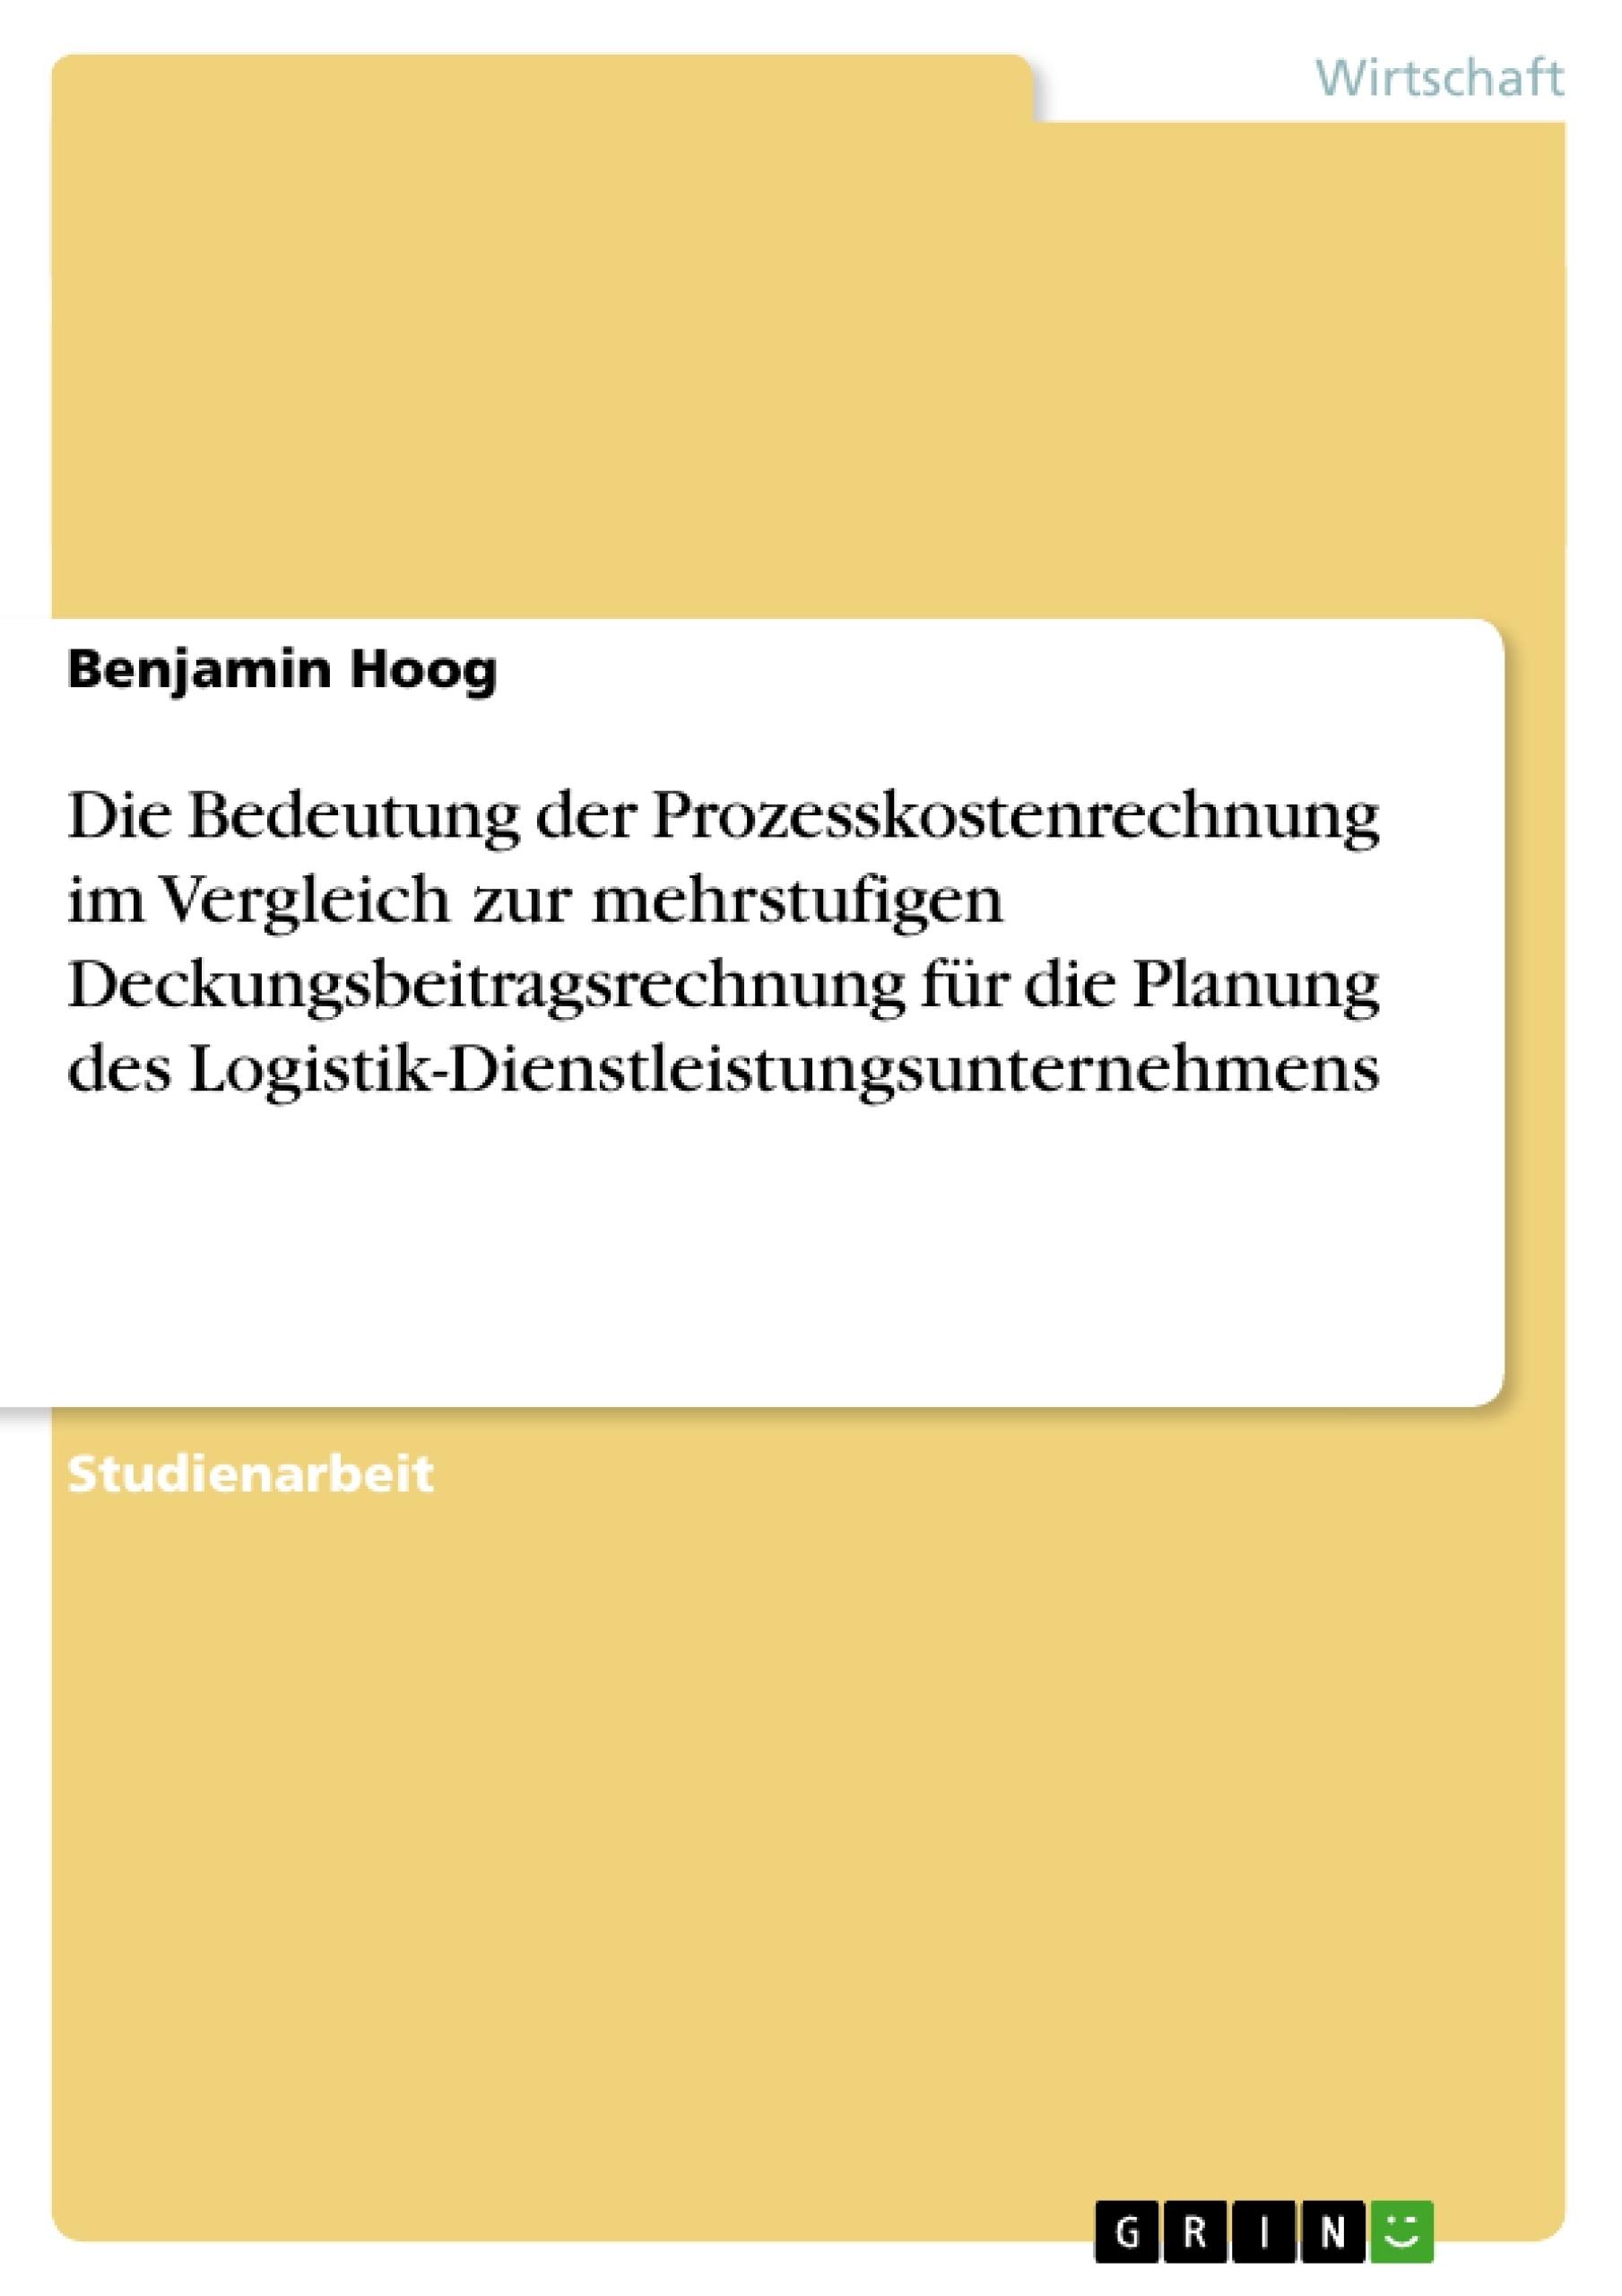 Titel: Die Bedeutung der Prozesskostenrechnung im Vergleich zur mehrstufigen Deckungsbeitragsrechnung für die Planung des Logistik-Dienstleistungsunternehmens